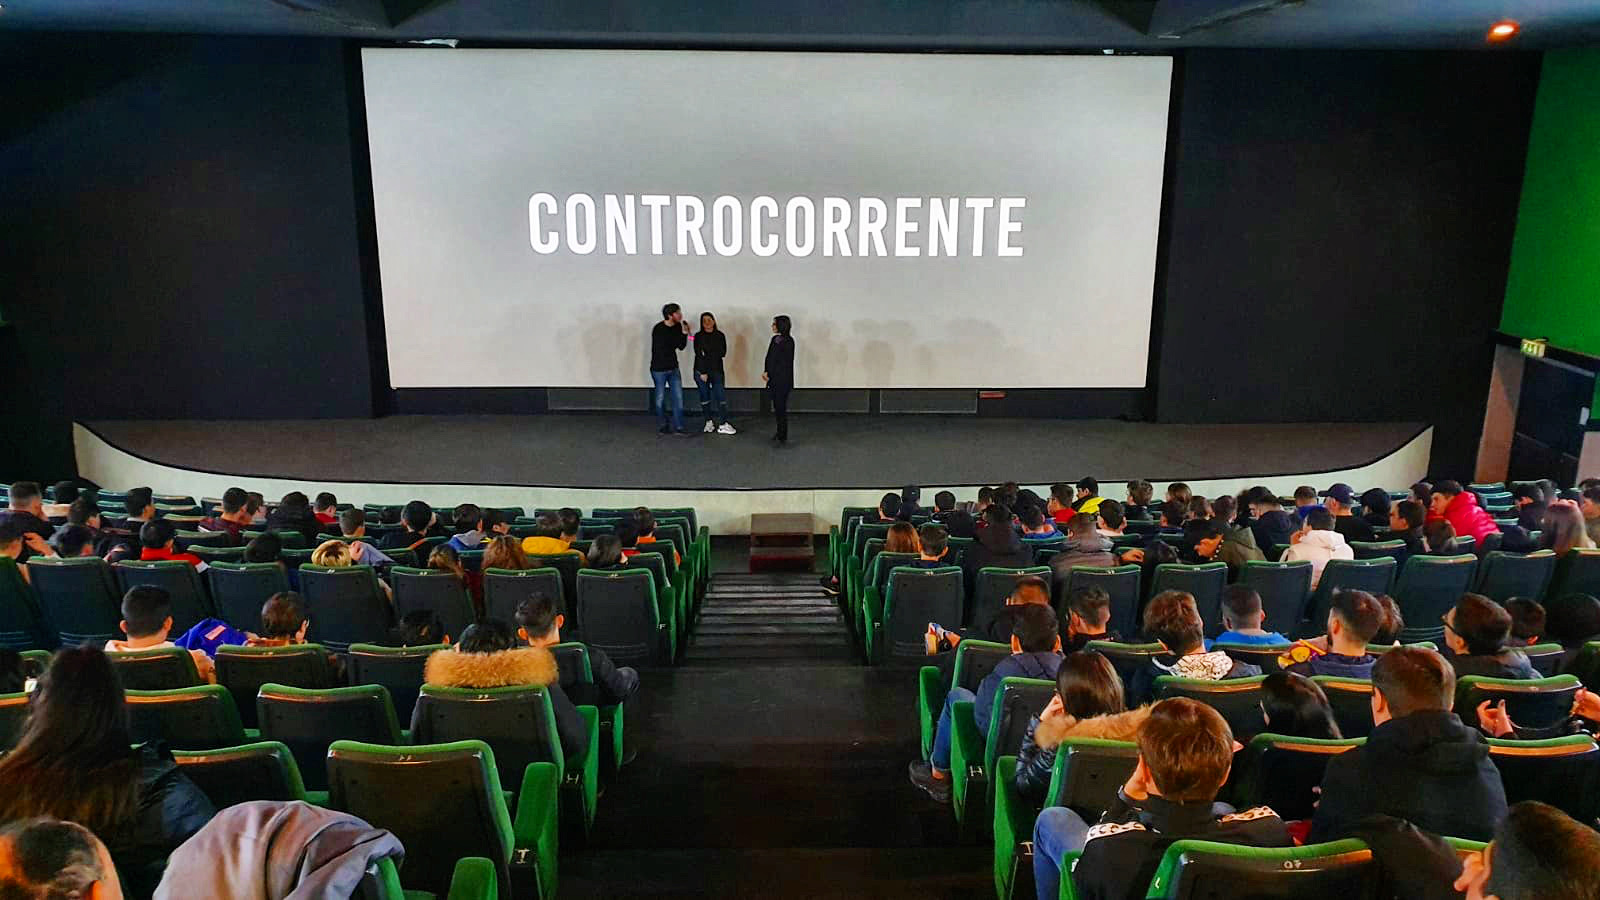 INCONTRO SCUOLE AL CINEMA BROADWAY